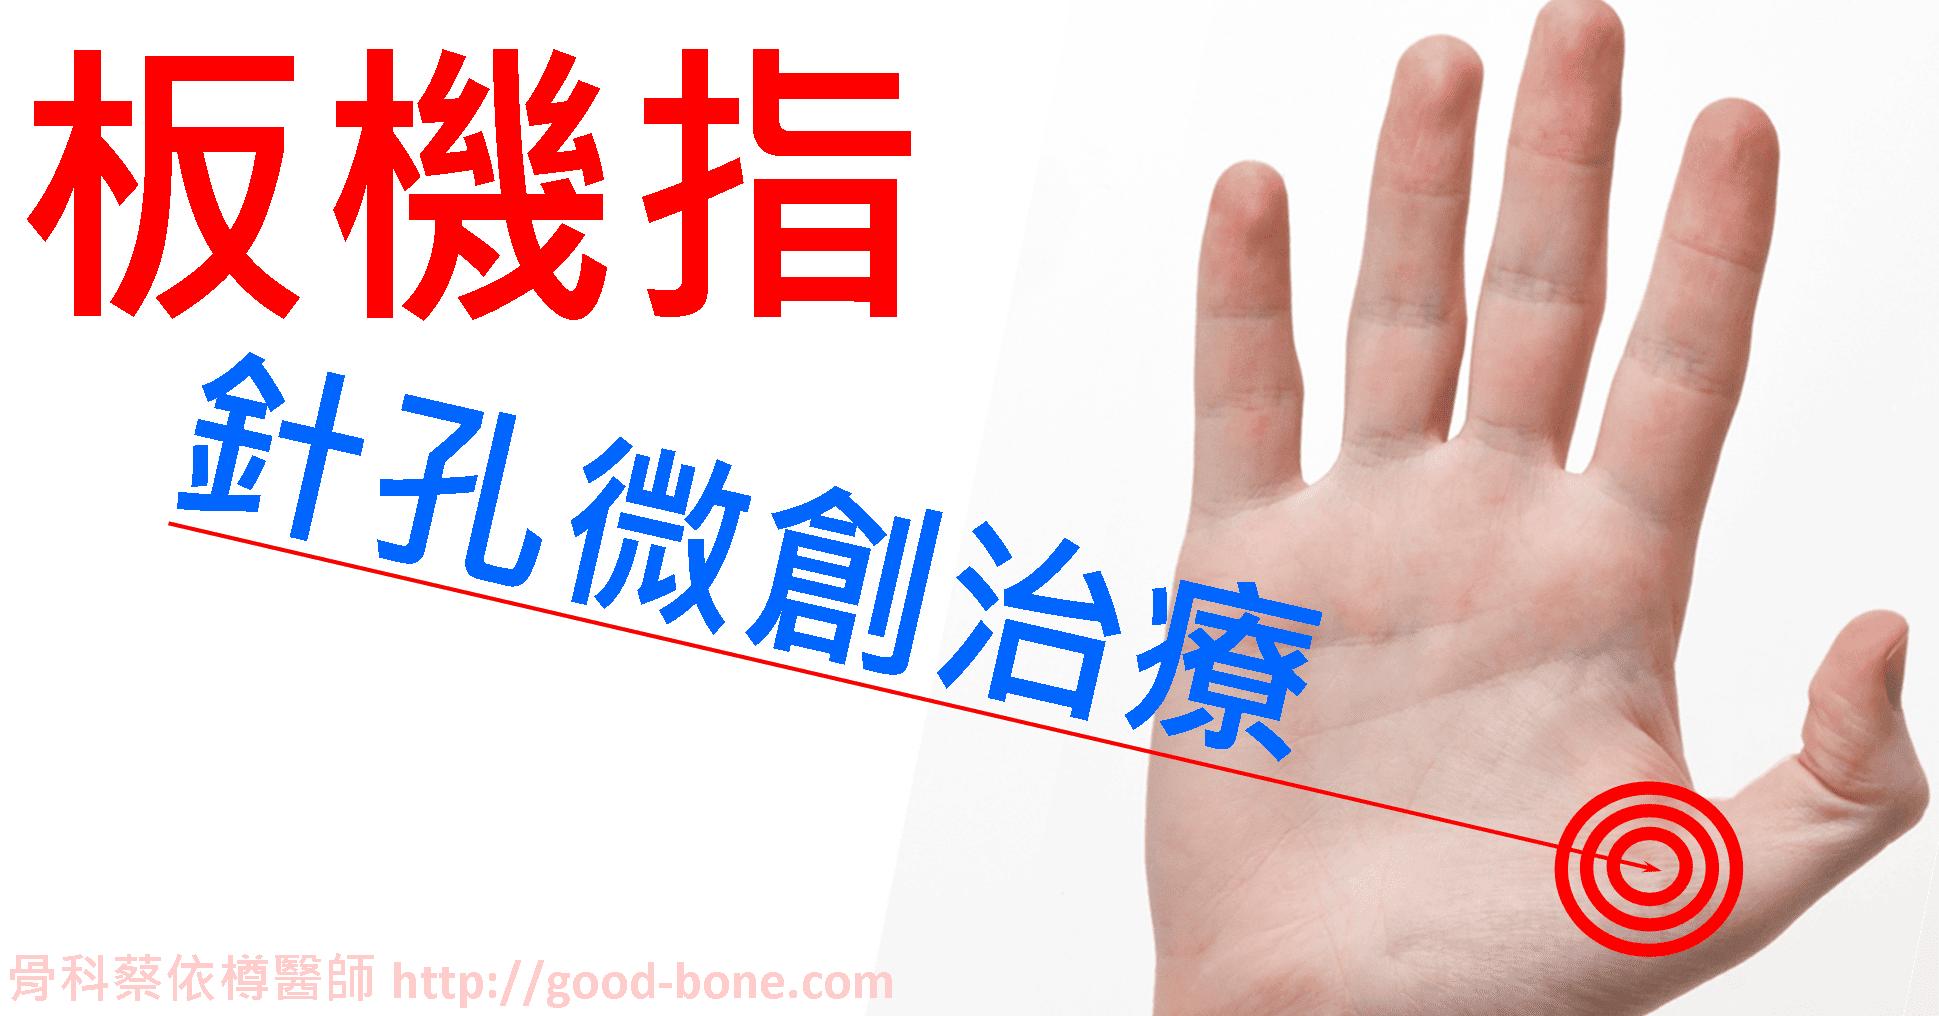 板機指-針孔微創治療|台中骨科蔡依樽醫師https://good-bone.com